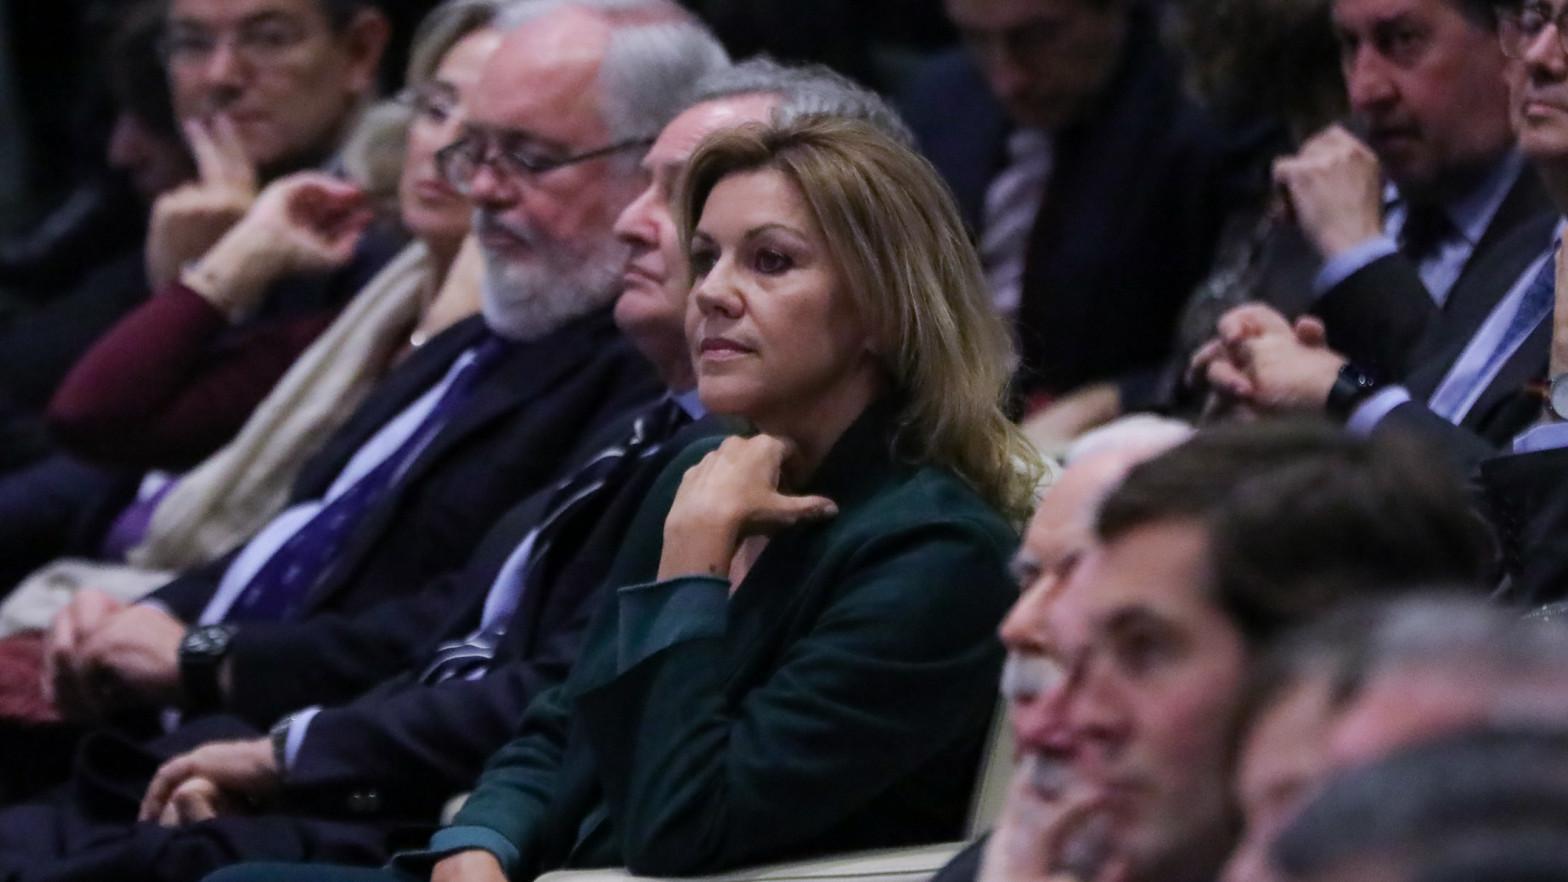 El juez ordena revisar los apuntes de Villarejo antes de decidir si imputa a Cospedal